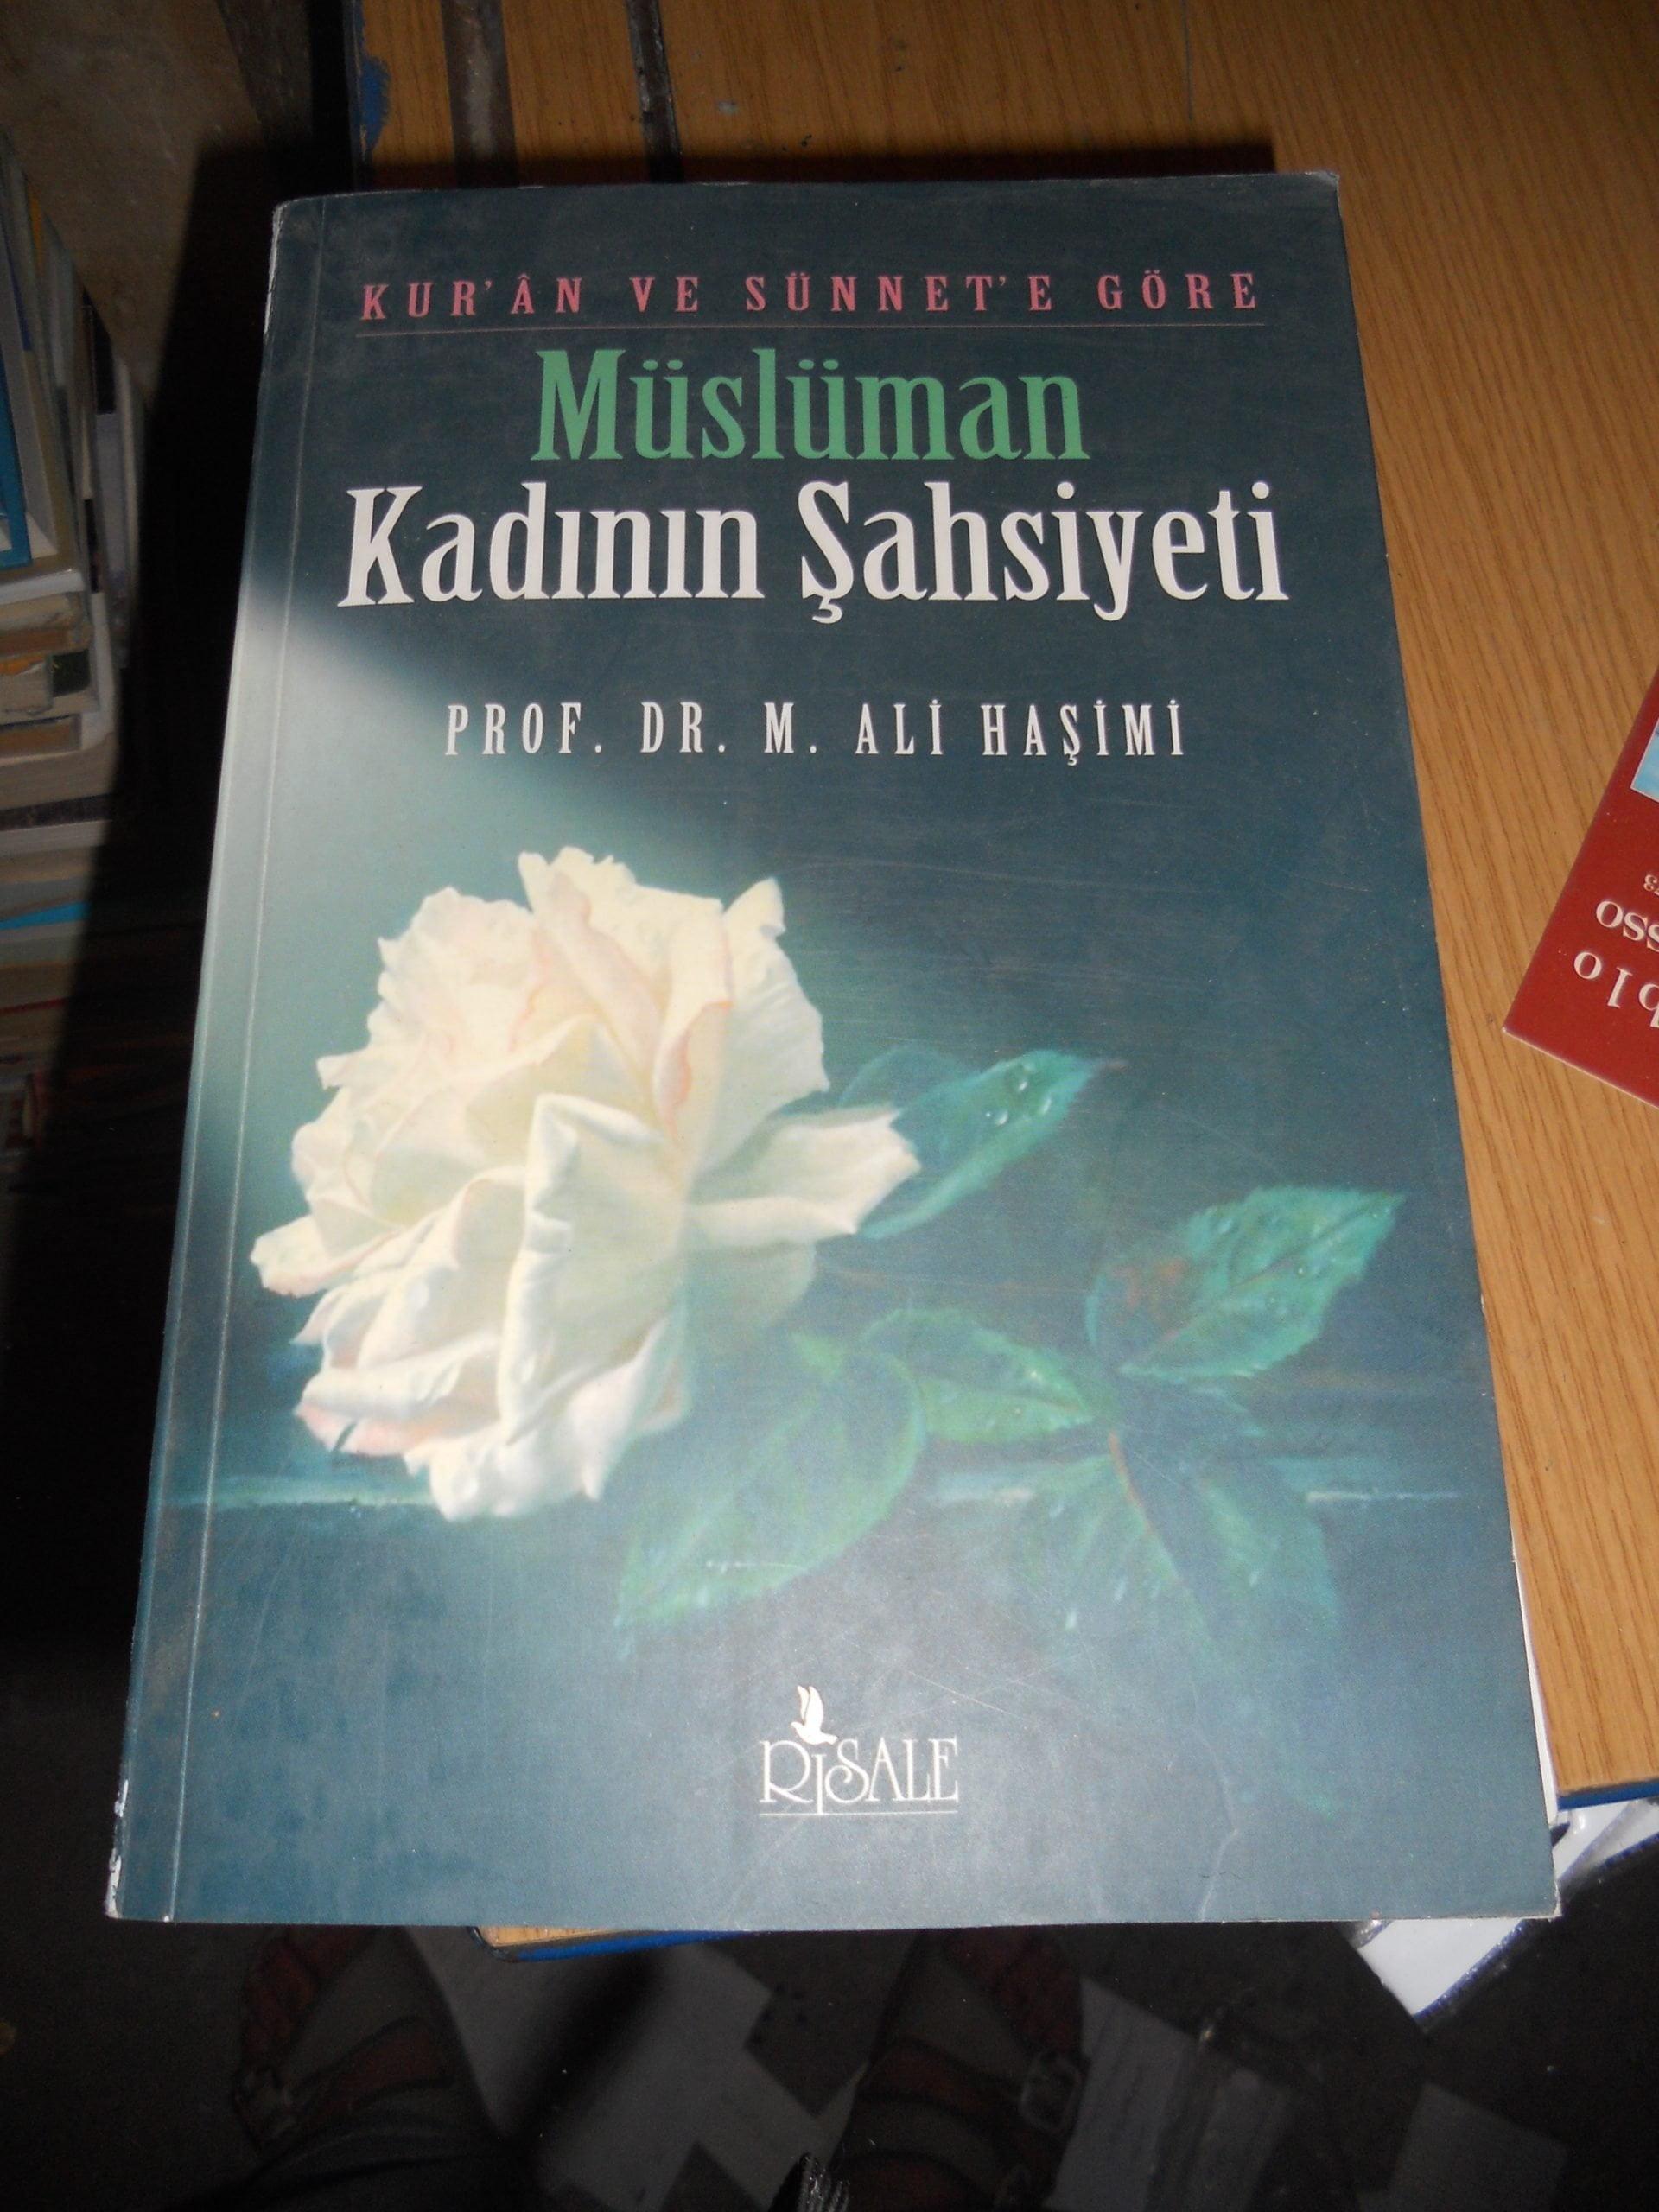 Kur'an ve Sünnete göre MÜSLÜMAN KADININ ŞAHSİYETİ/Prof.Dr.M.ALİ HAŞİMİ/15 TL